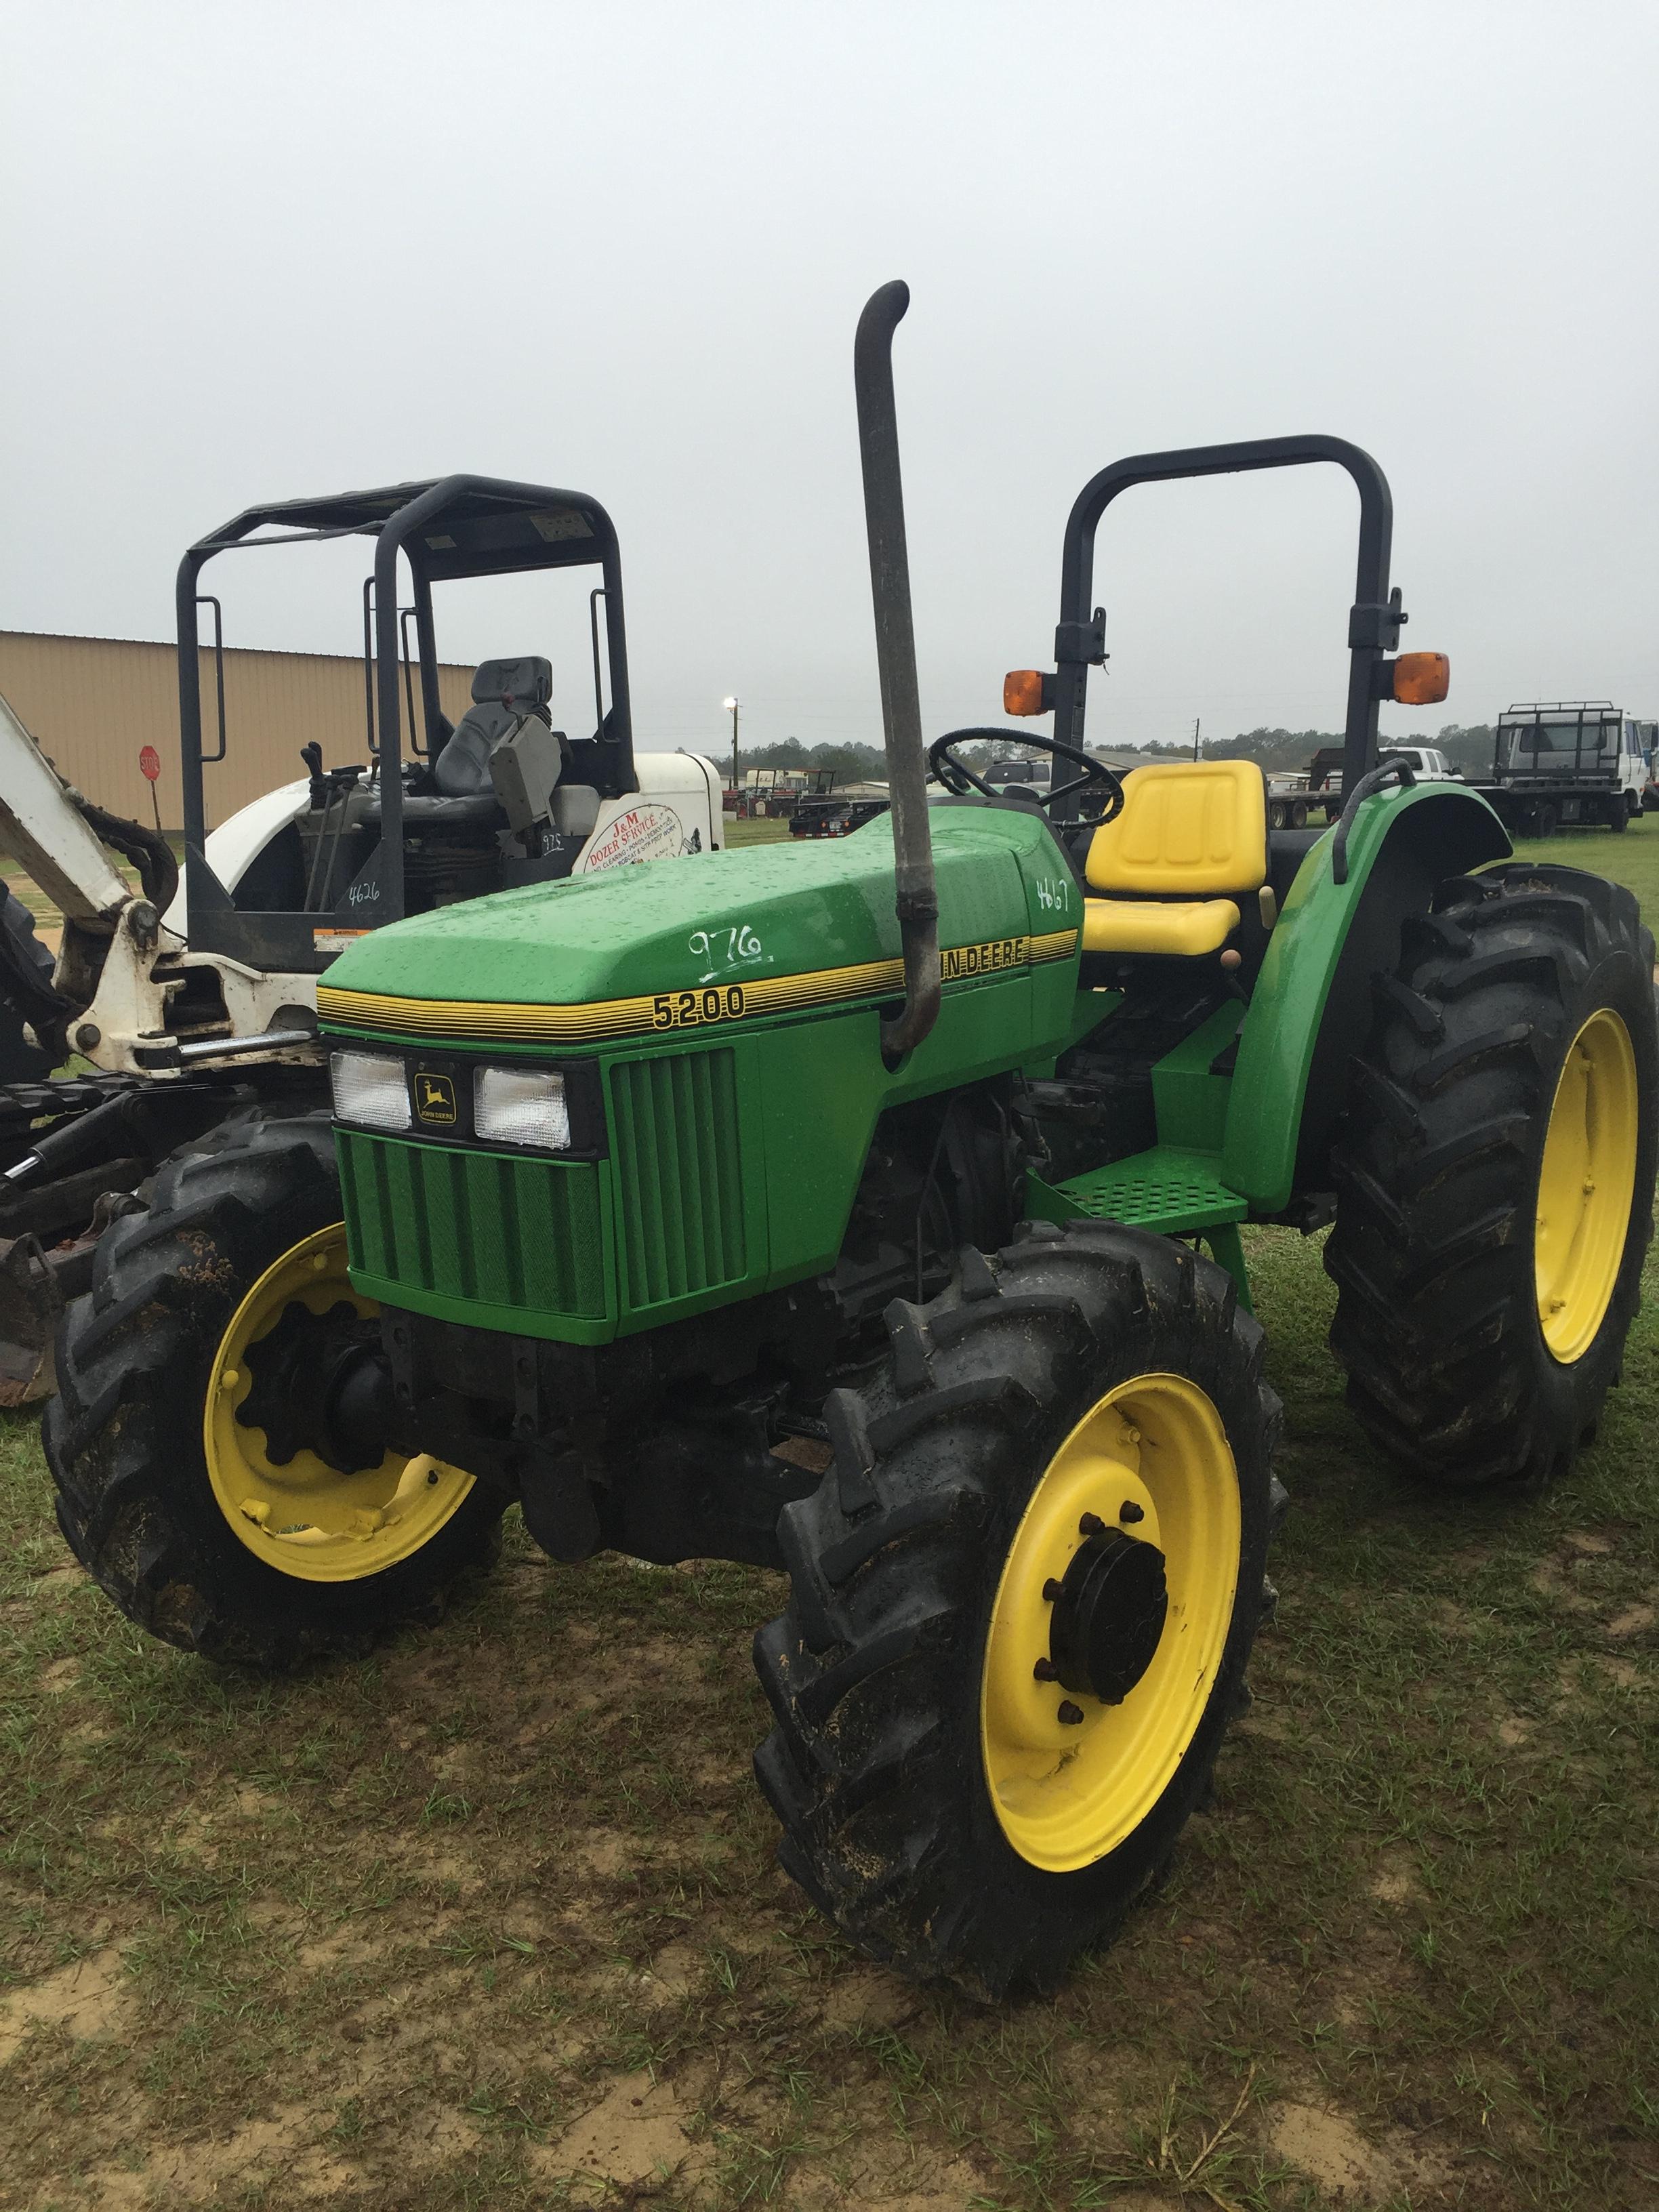 Id4667 John Deere 5200 Tractor Open 4wd Mileagehrs2047 Vin. Lot 976 John Deere 5200. John Deere. John Deere 5200 Tractor Wiring At Scoala.co